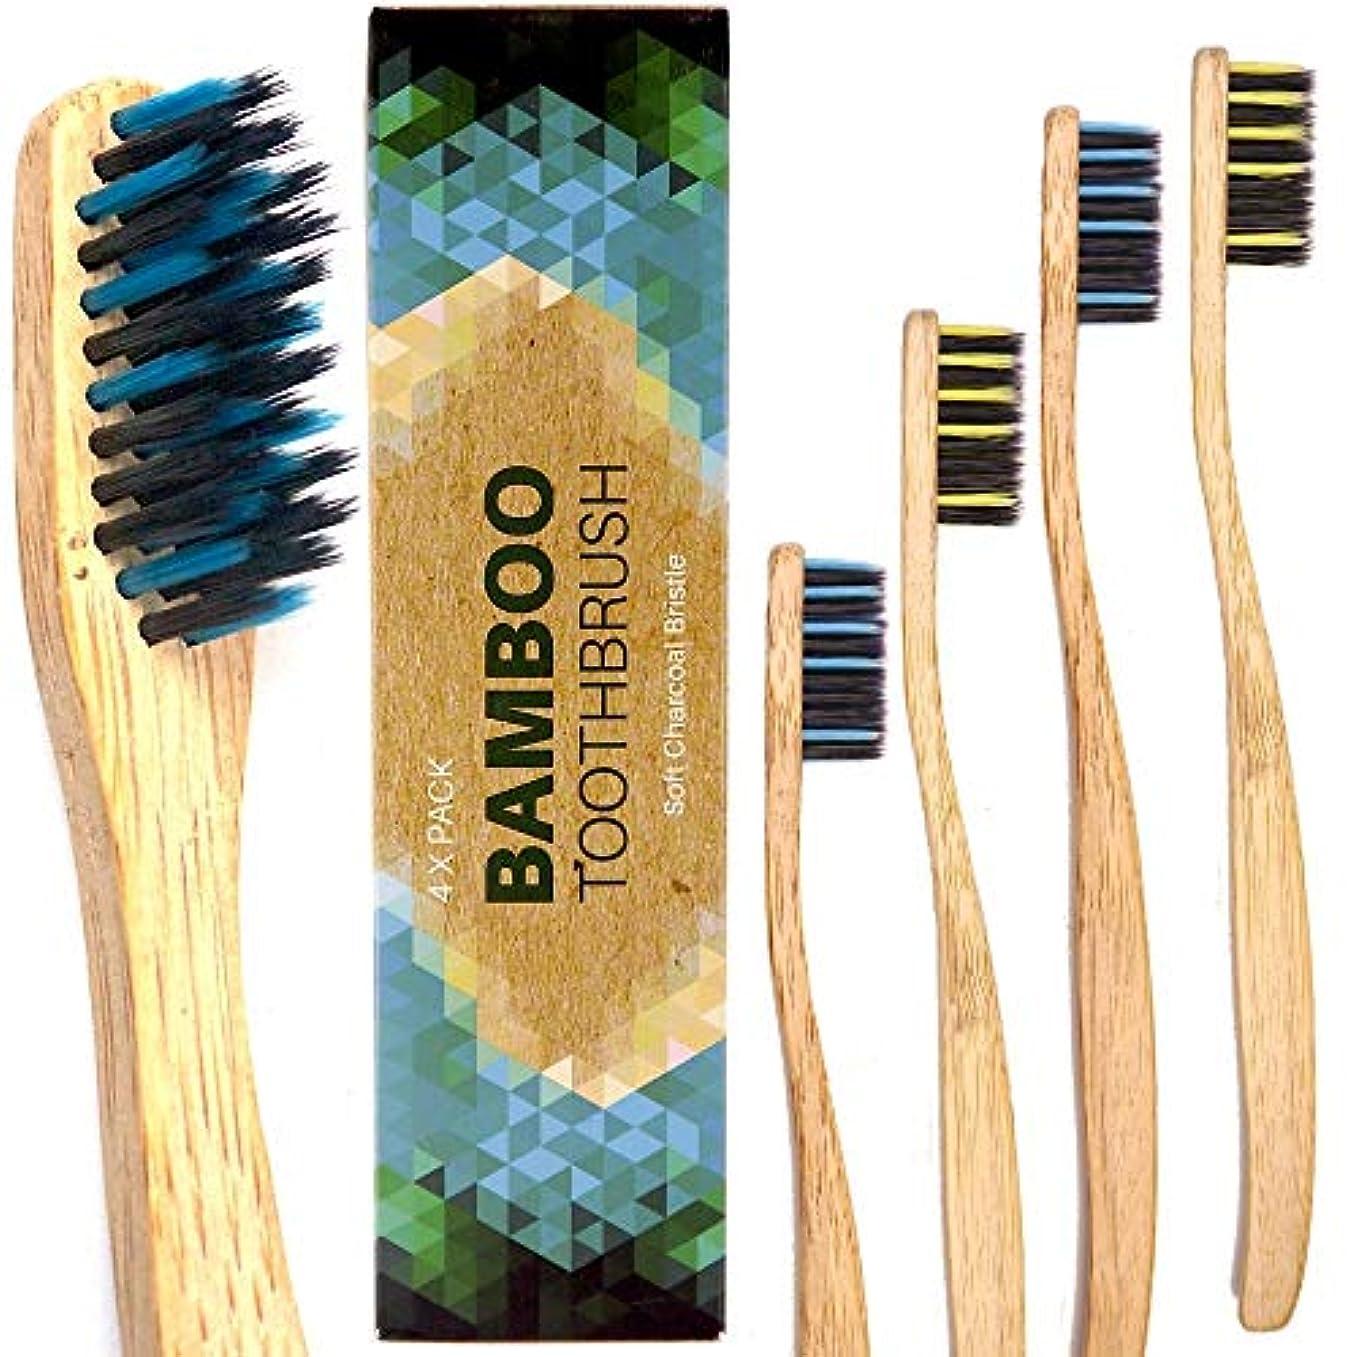 インテリアホラークリエイティブ竹製歯ブラシ。チャコールブリストル大人 - ミディアム及びソフト、生分解性、ビーガン、バイオ、エコ、持続可能な木製ハンドル4本パック4 Bamboo Toothbrushes, ホワイトニング 歯, ドイツの品質, 竹歯ブラシ